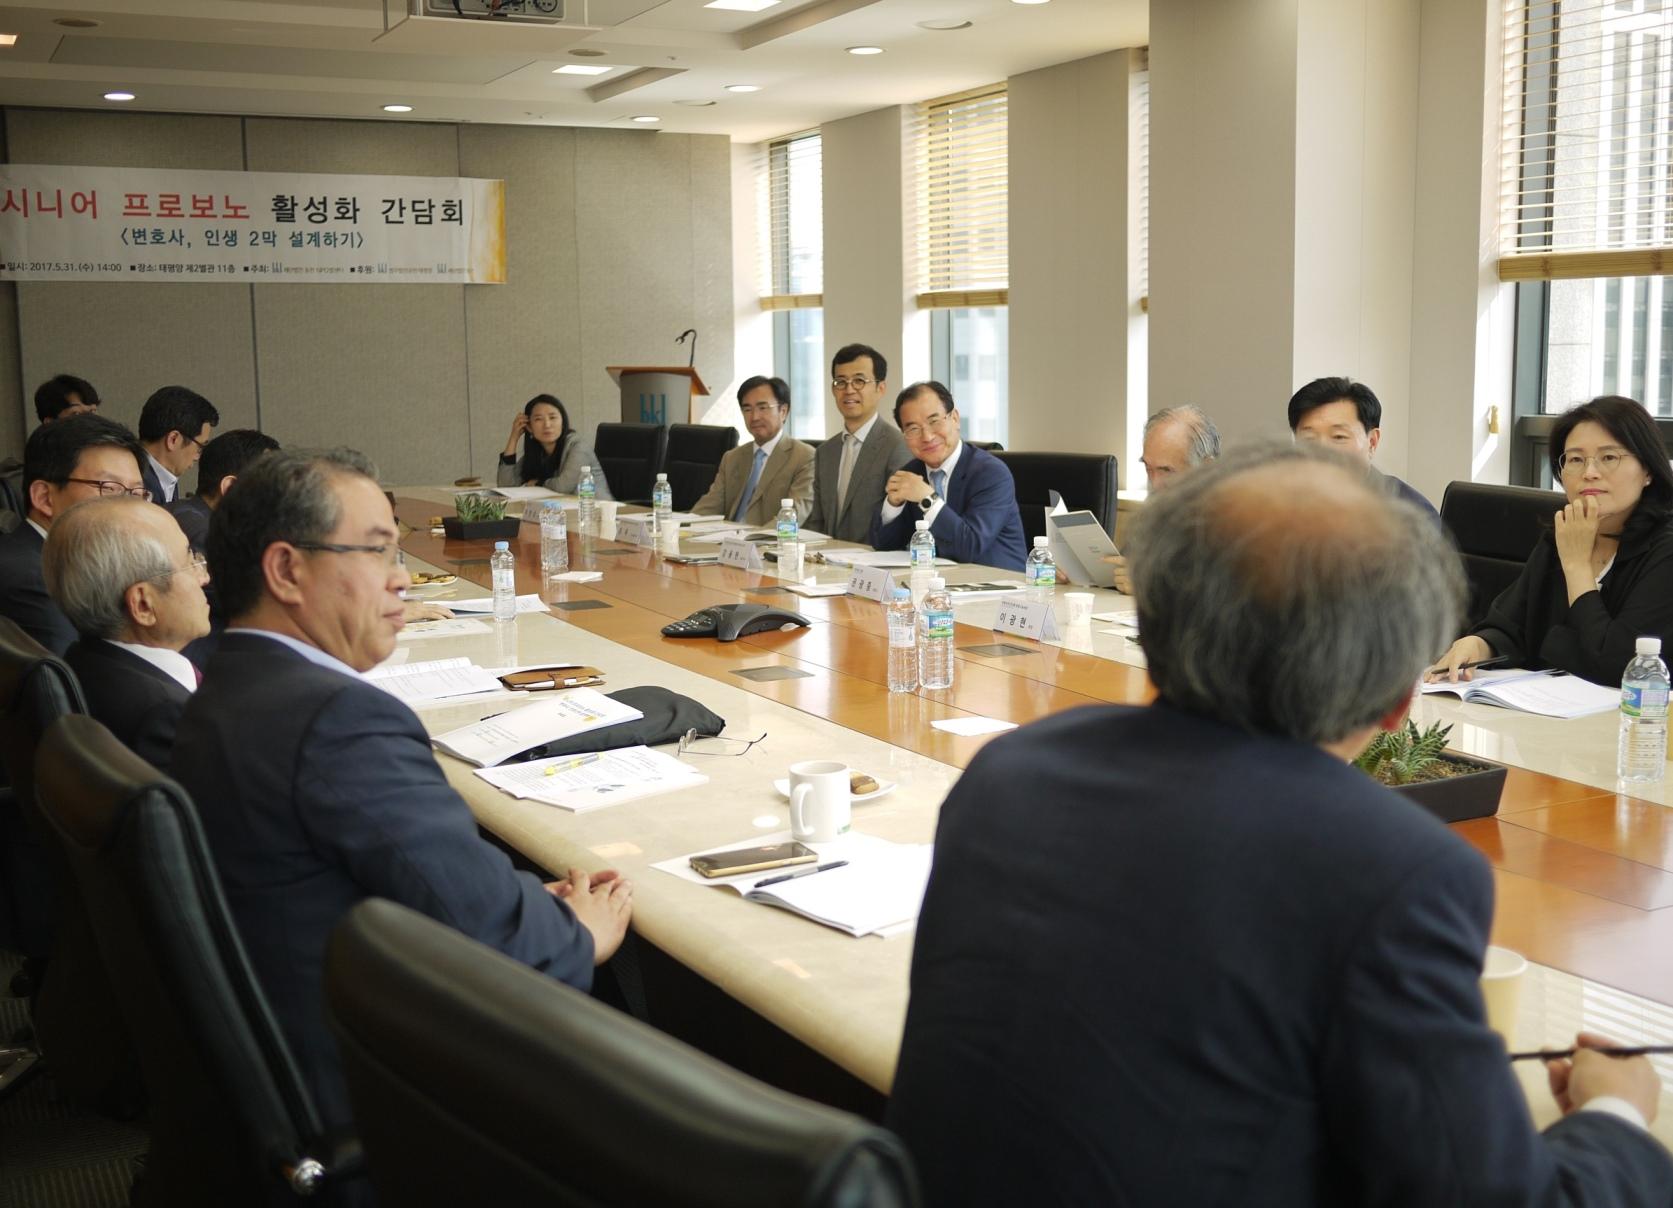 시니어 변호사의 공익활동 활성화 방안를 위한 간담회 (3).JPG